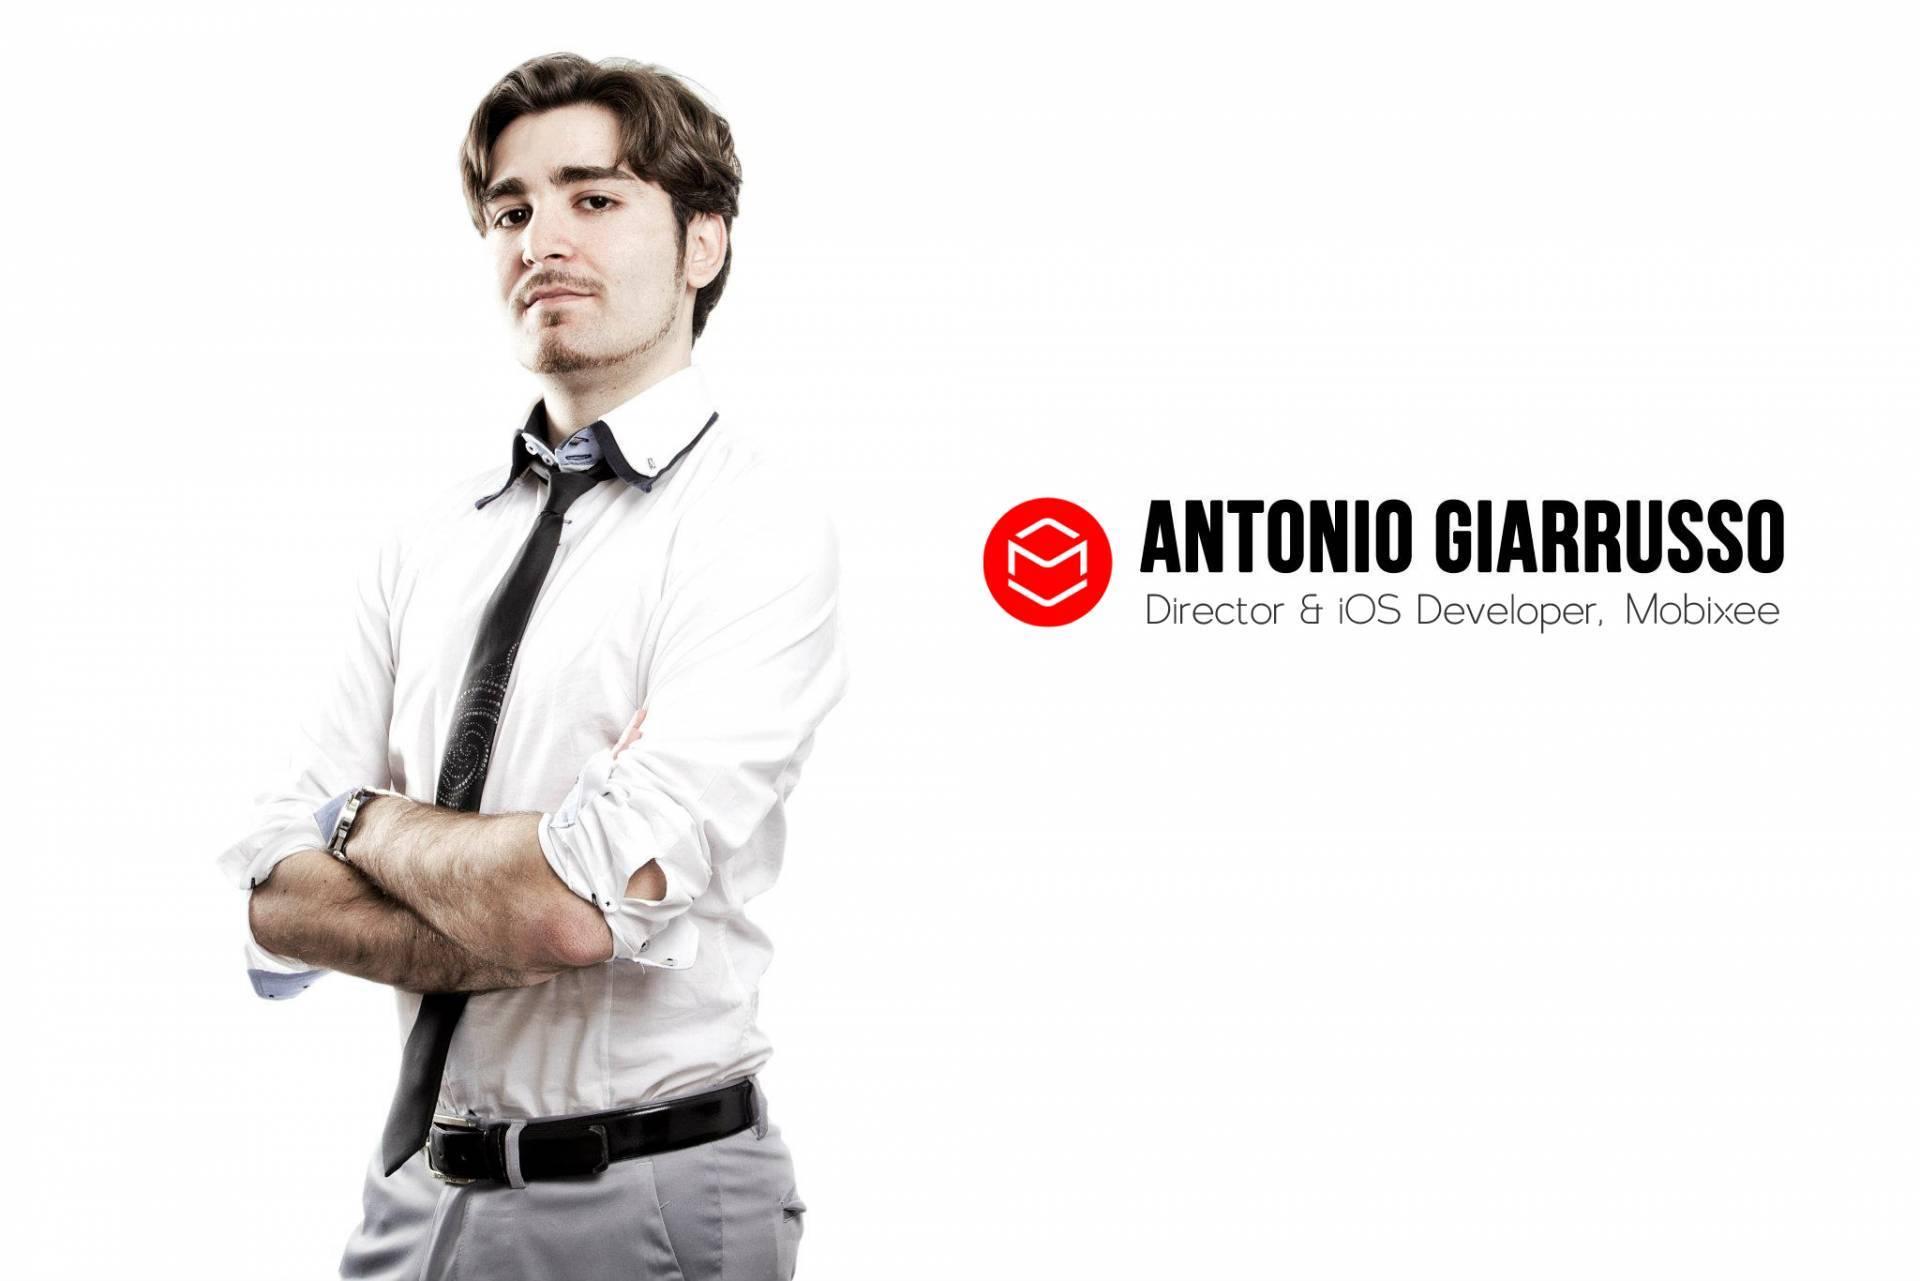 antonio giarrusso Intervista esclusiva: Antonio Giarrusso, developer con più 2 milioni di download nel mondo